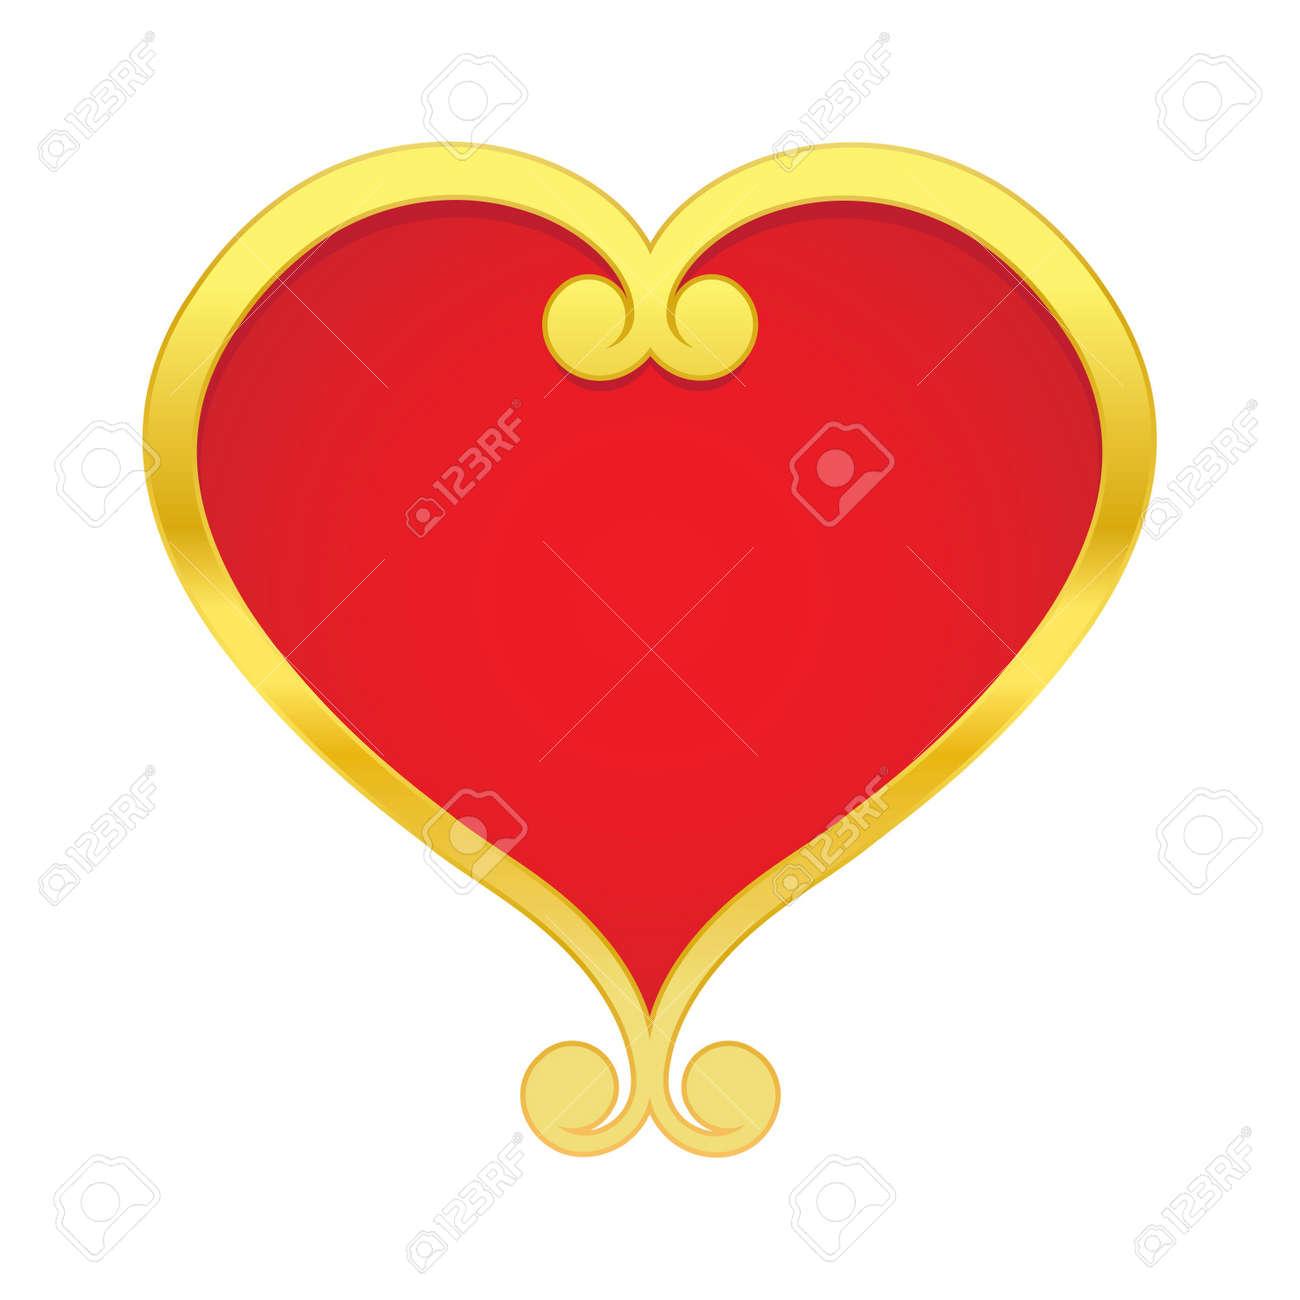 illustration gilded heart on white background Stock Vector - 12303309